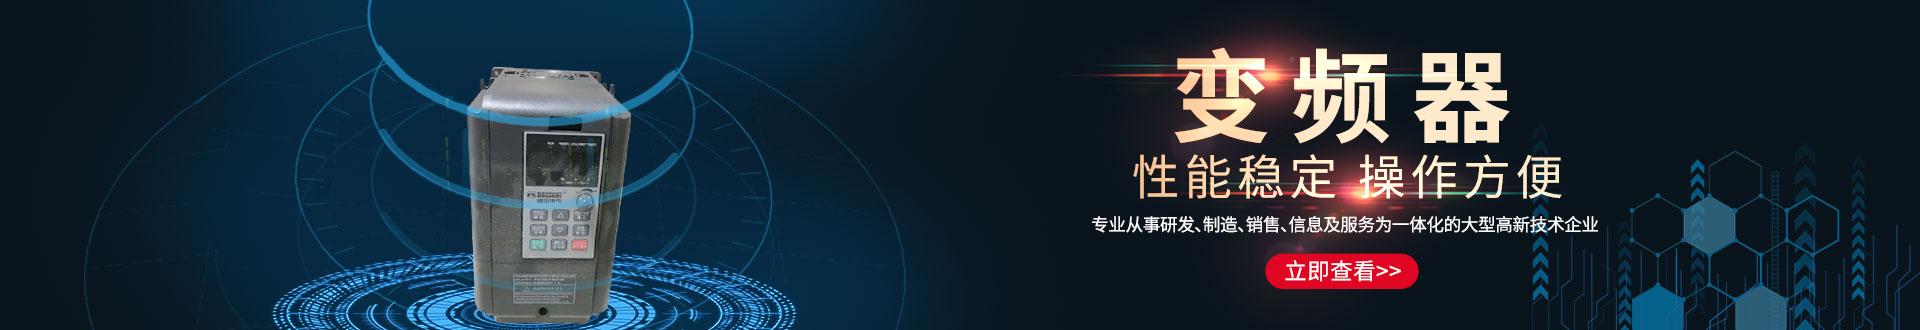 武汉鸿宝科技发展有限公司